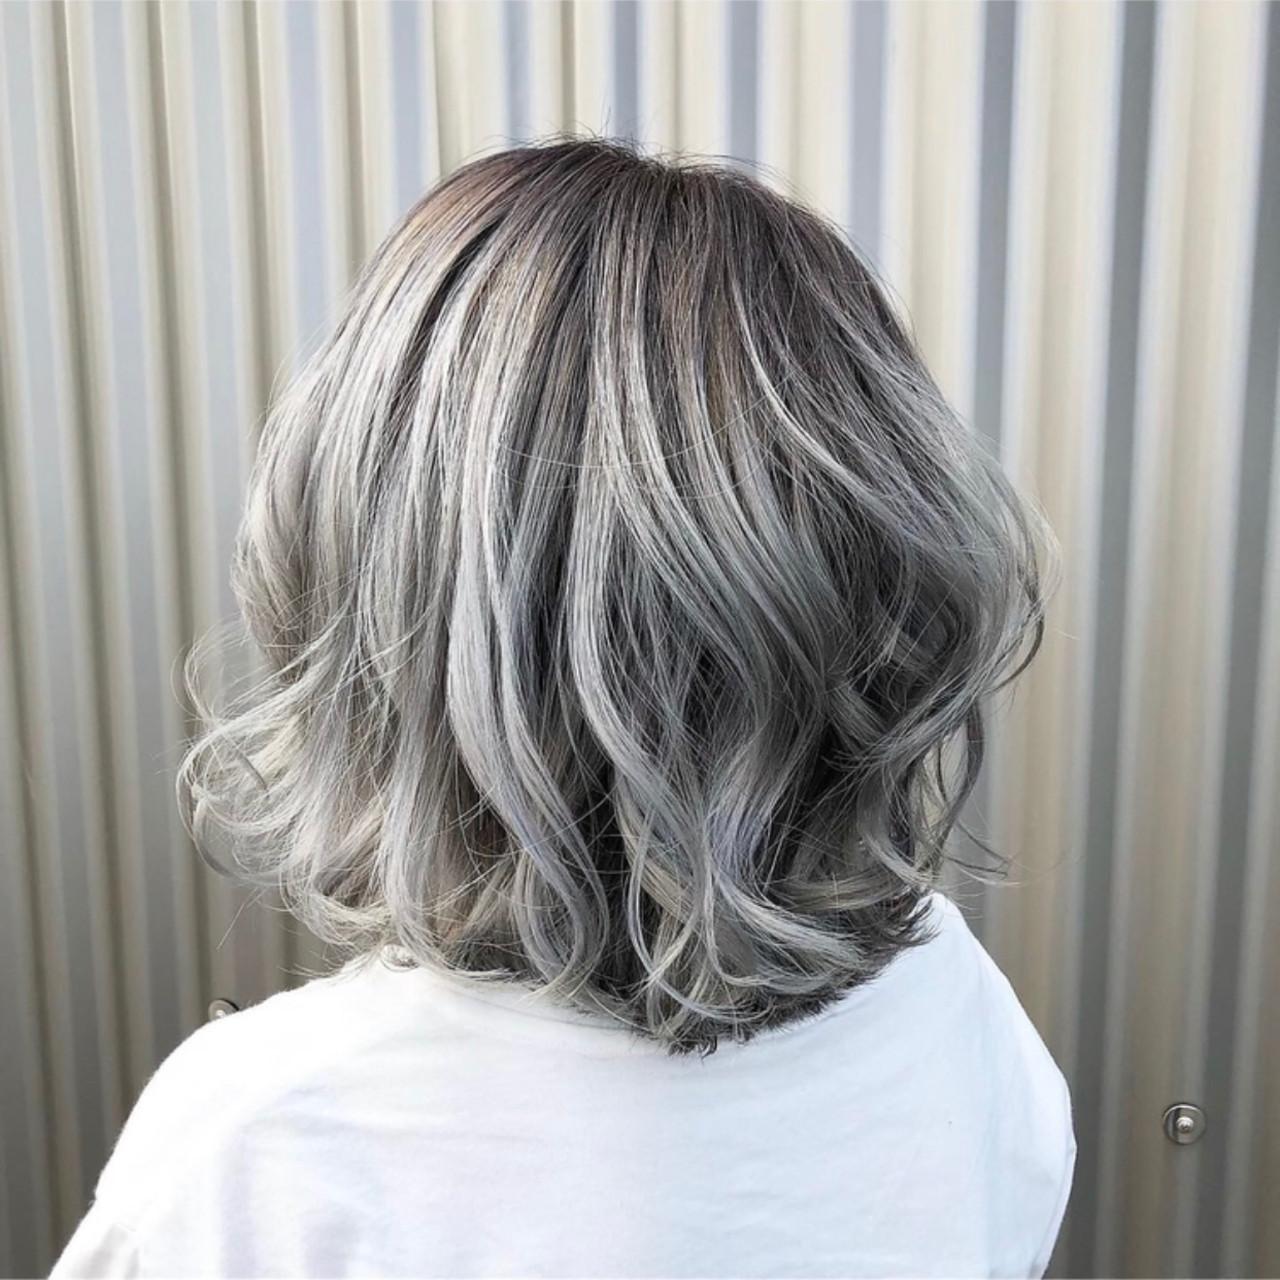 シルバー ホワイトカラー ボブ 外国人風カラー ヘアスタイルや髪型の写真・画像